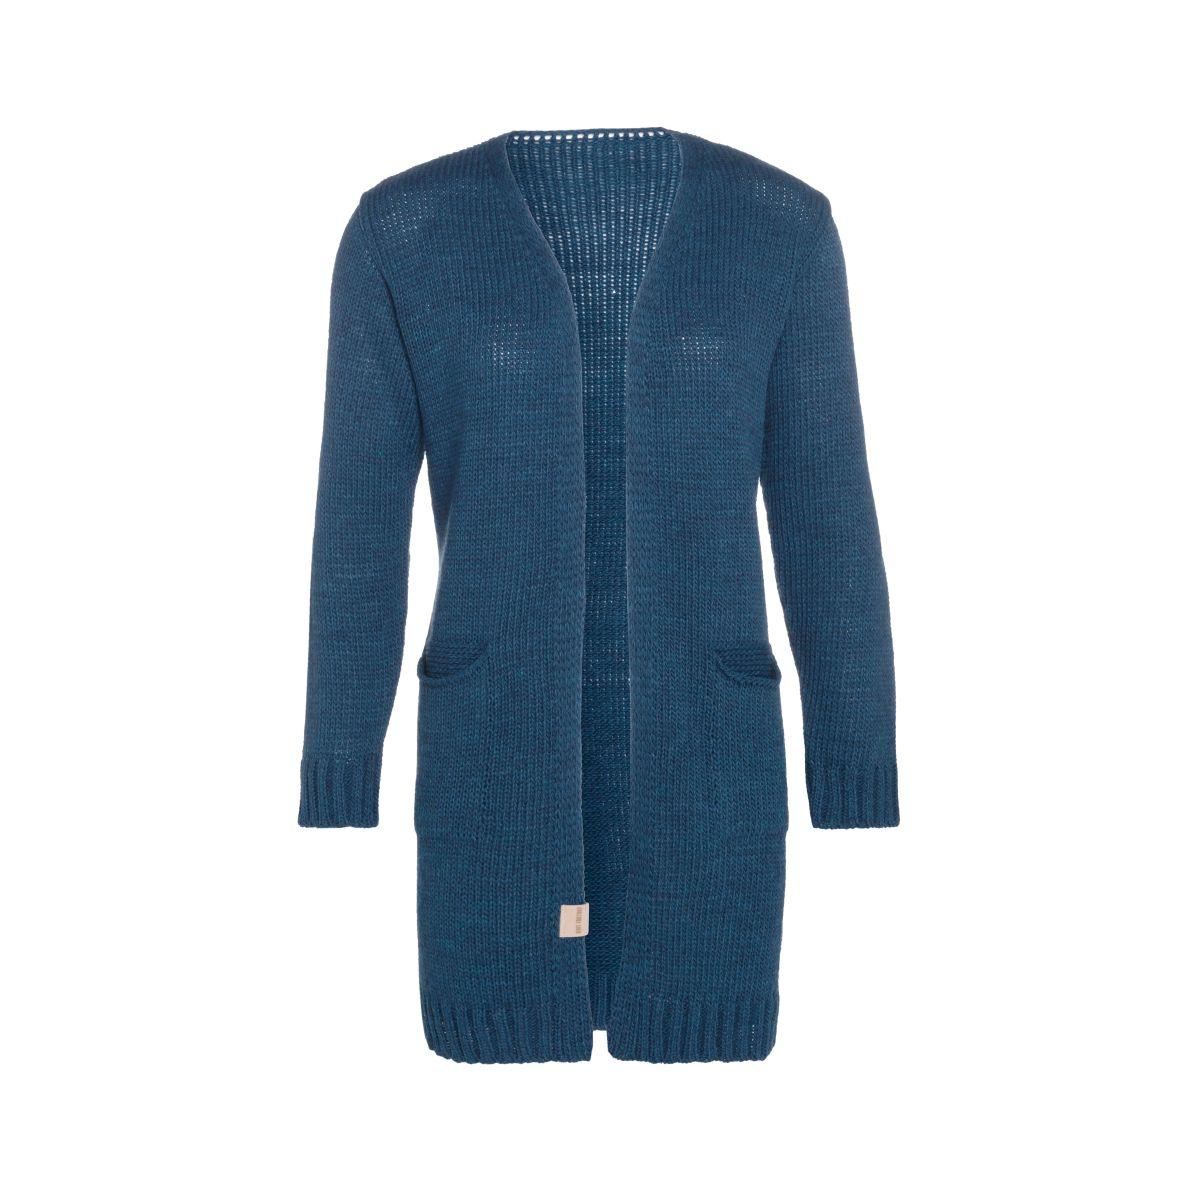 knit factory kf14008100851 ruby vest petrol 4042 1